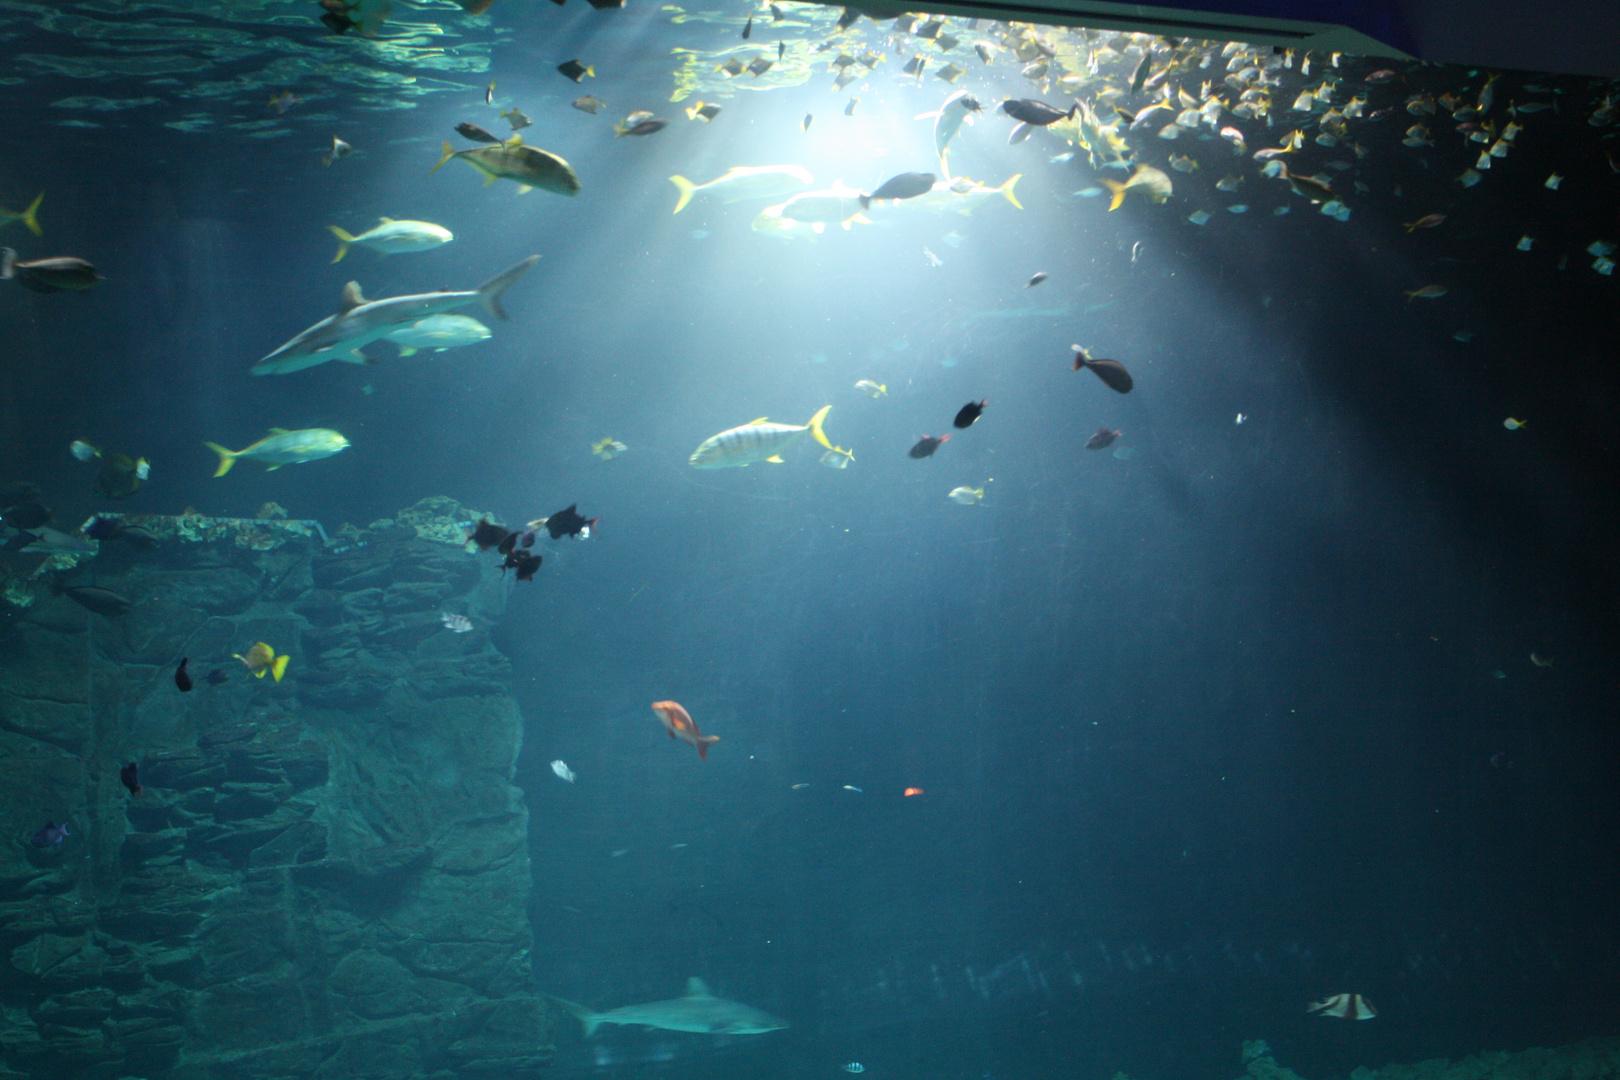 Tropen-Aquarium Hagenbeck 11./2013 2